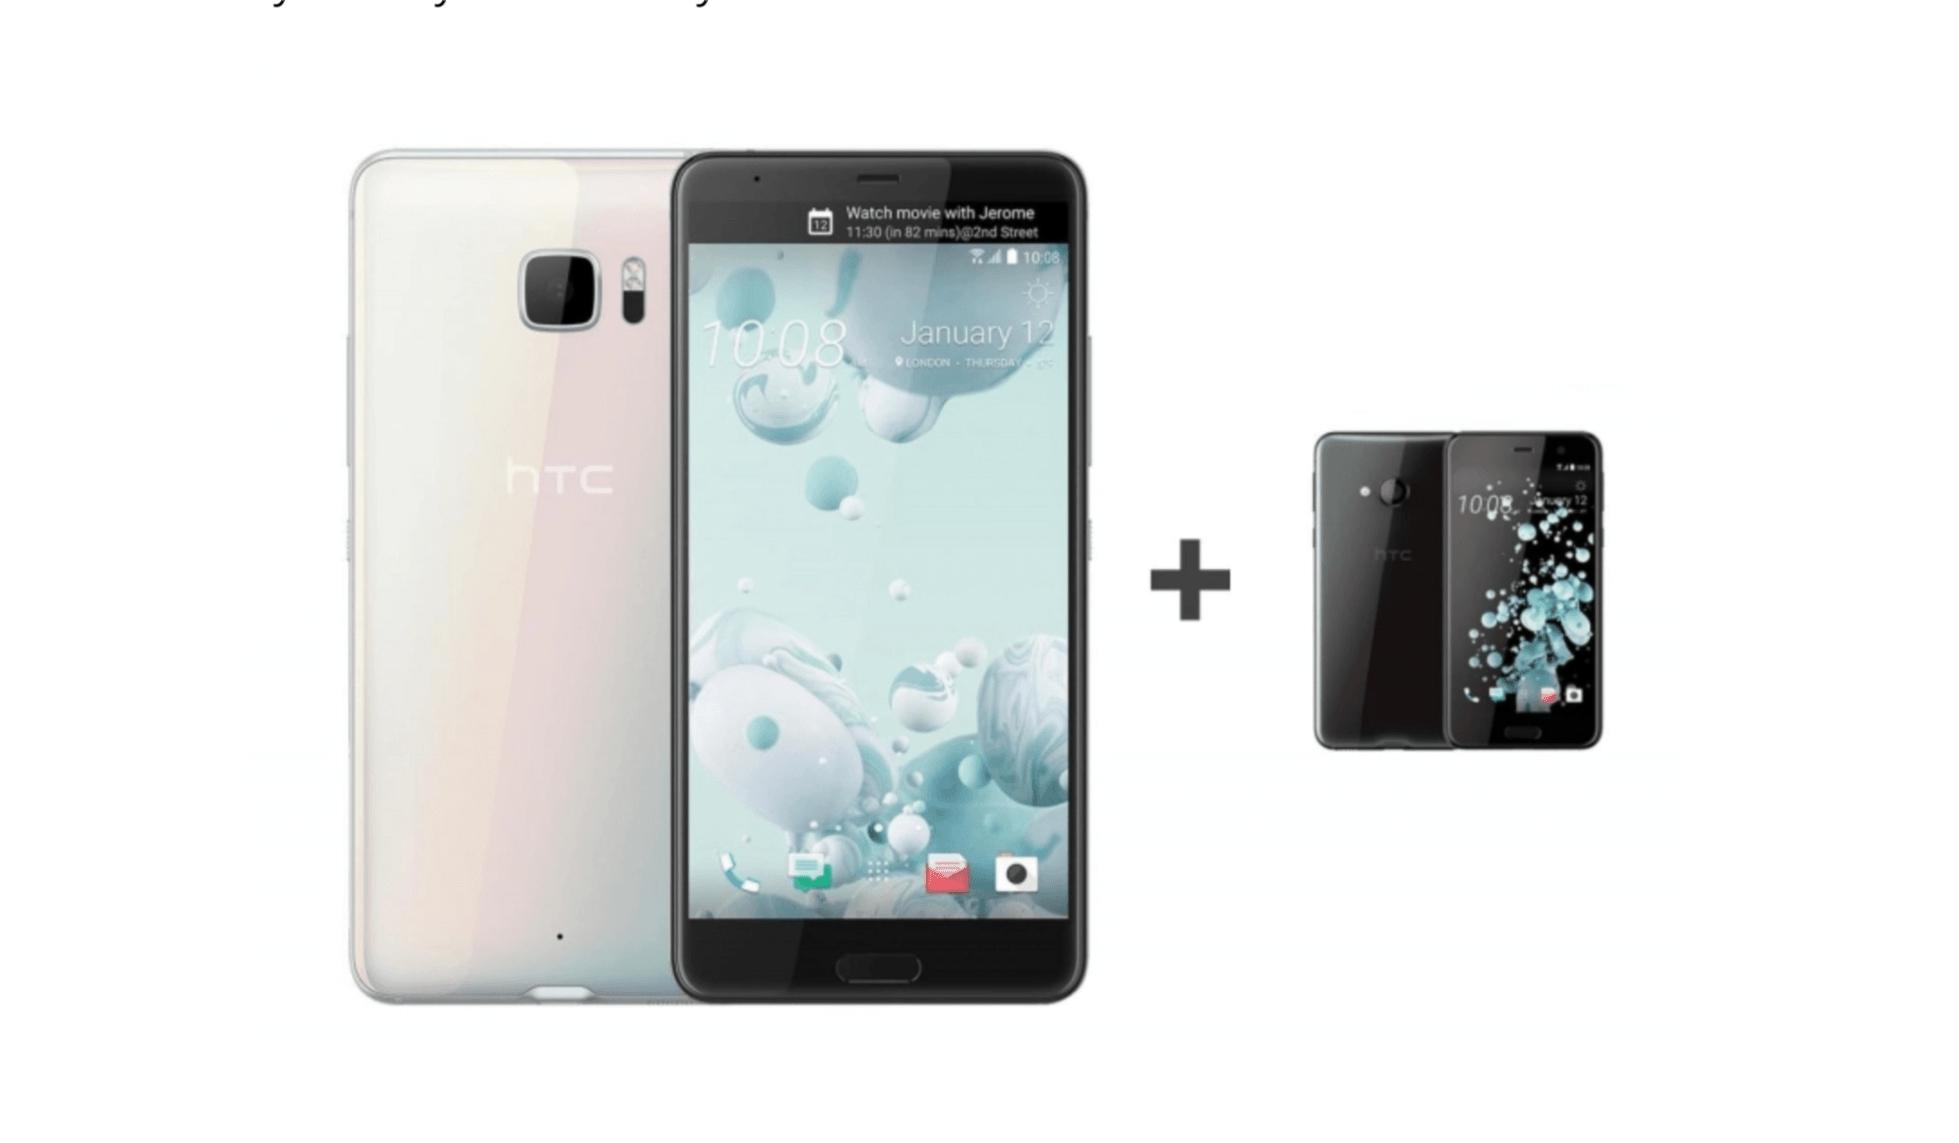 Tabletowo.pl I to jest promocja! Przy zakupie HTC U Ultra, dostaniesz model U Play całkowicie za darmo HTC Promocje Smartfony